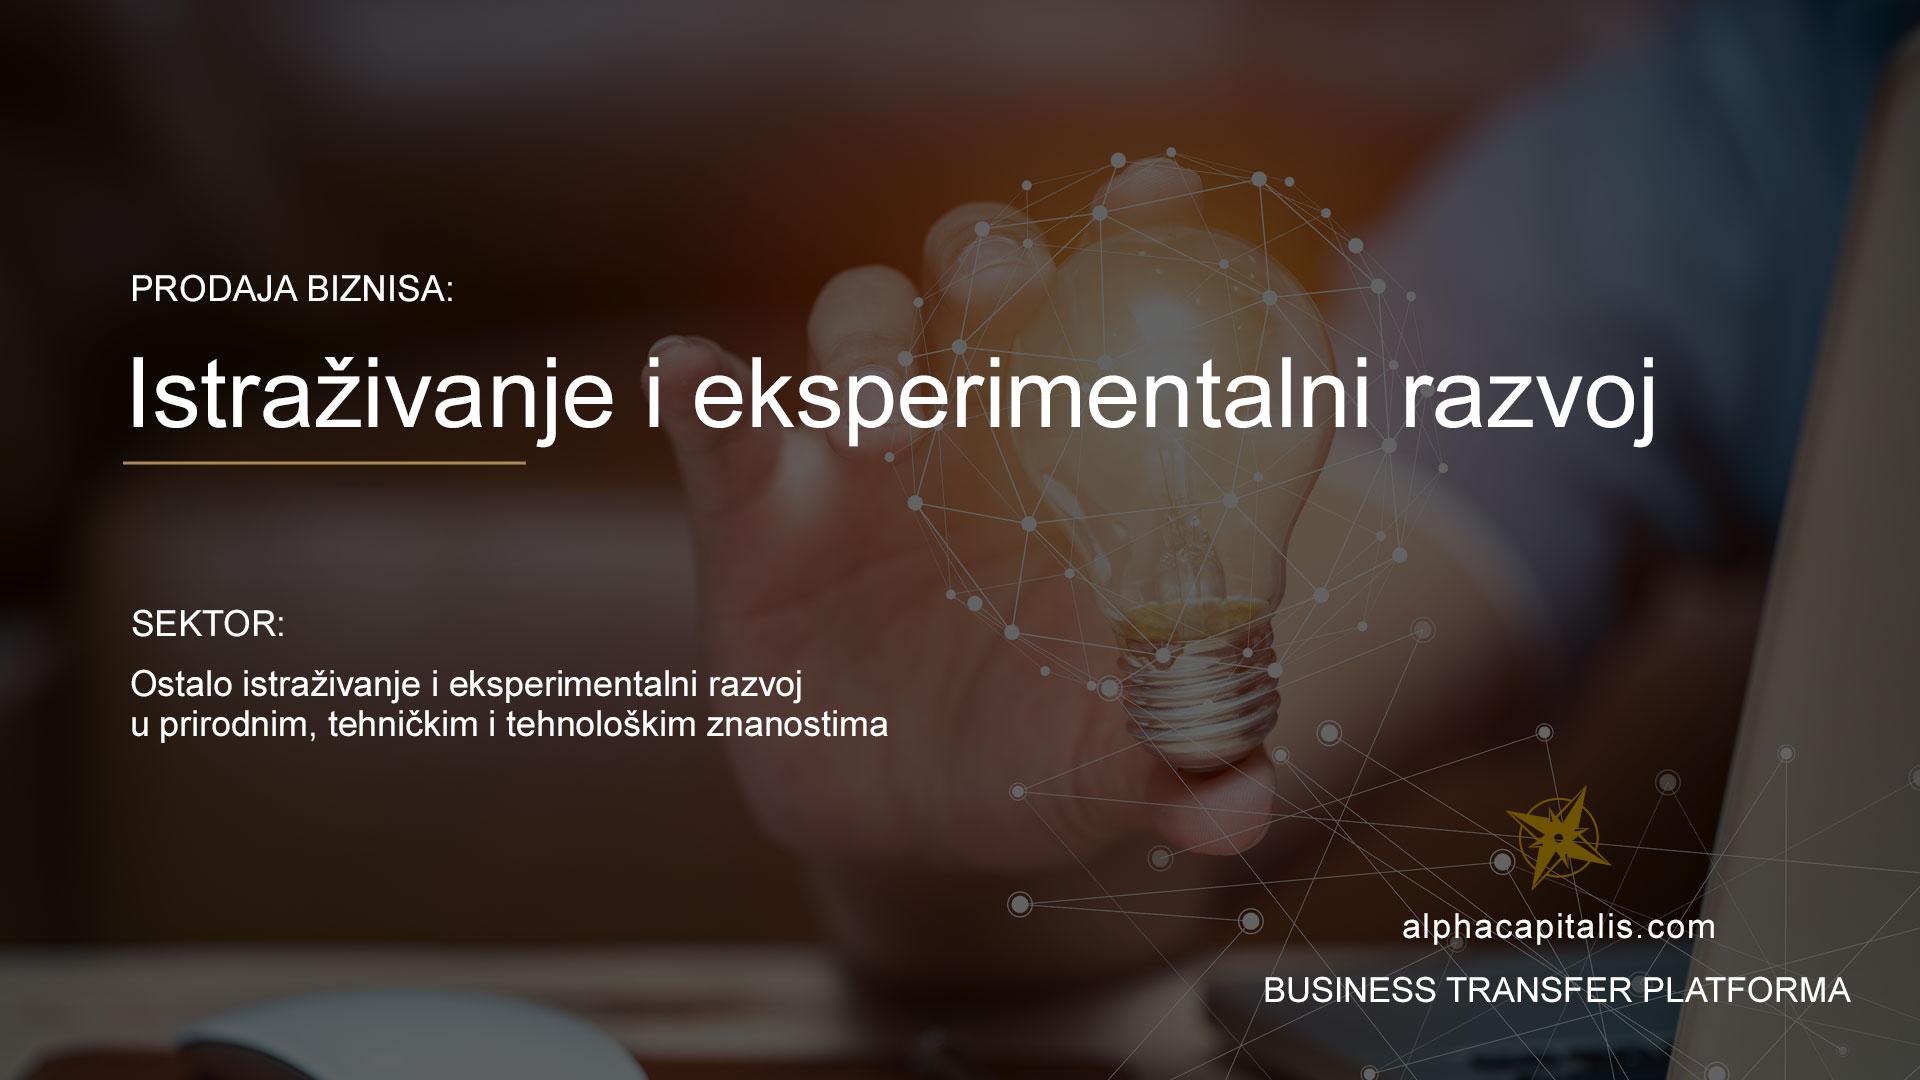 Alpha-Capitalis--Business-Transfer-Platforma_Prodaja-istraživanje-i-razvoj